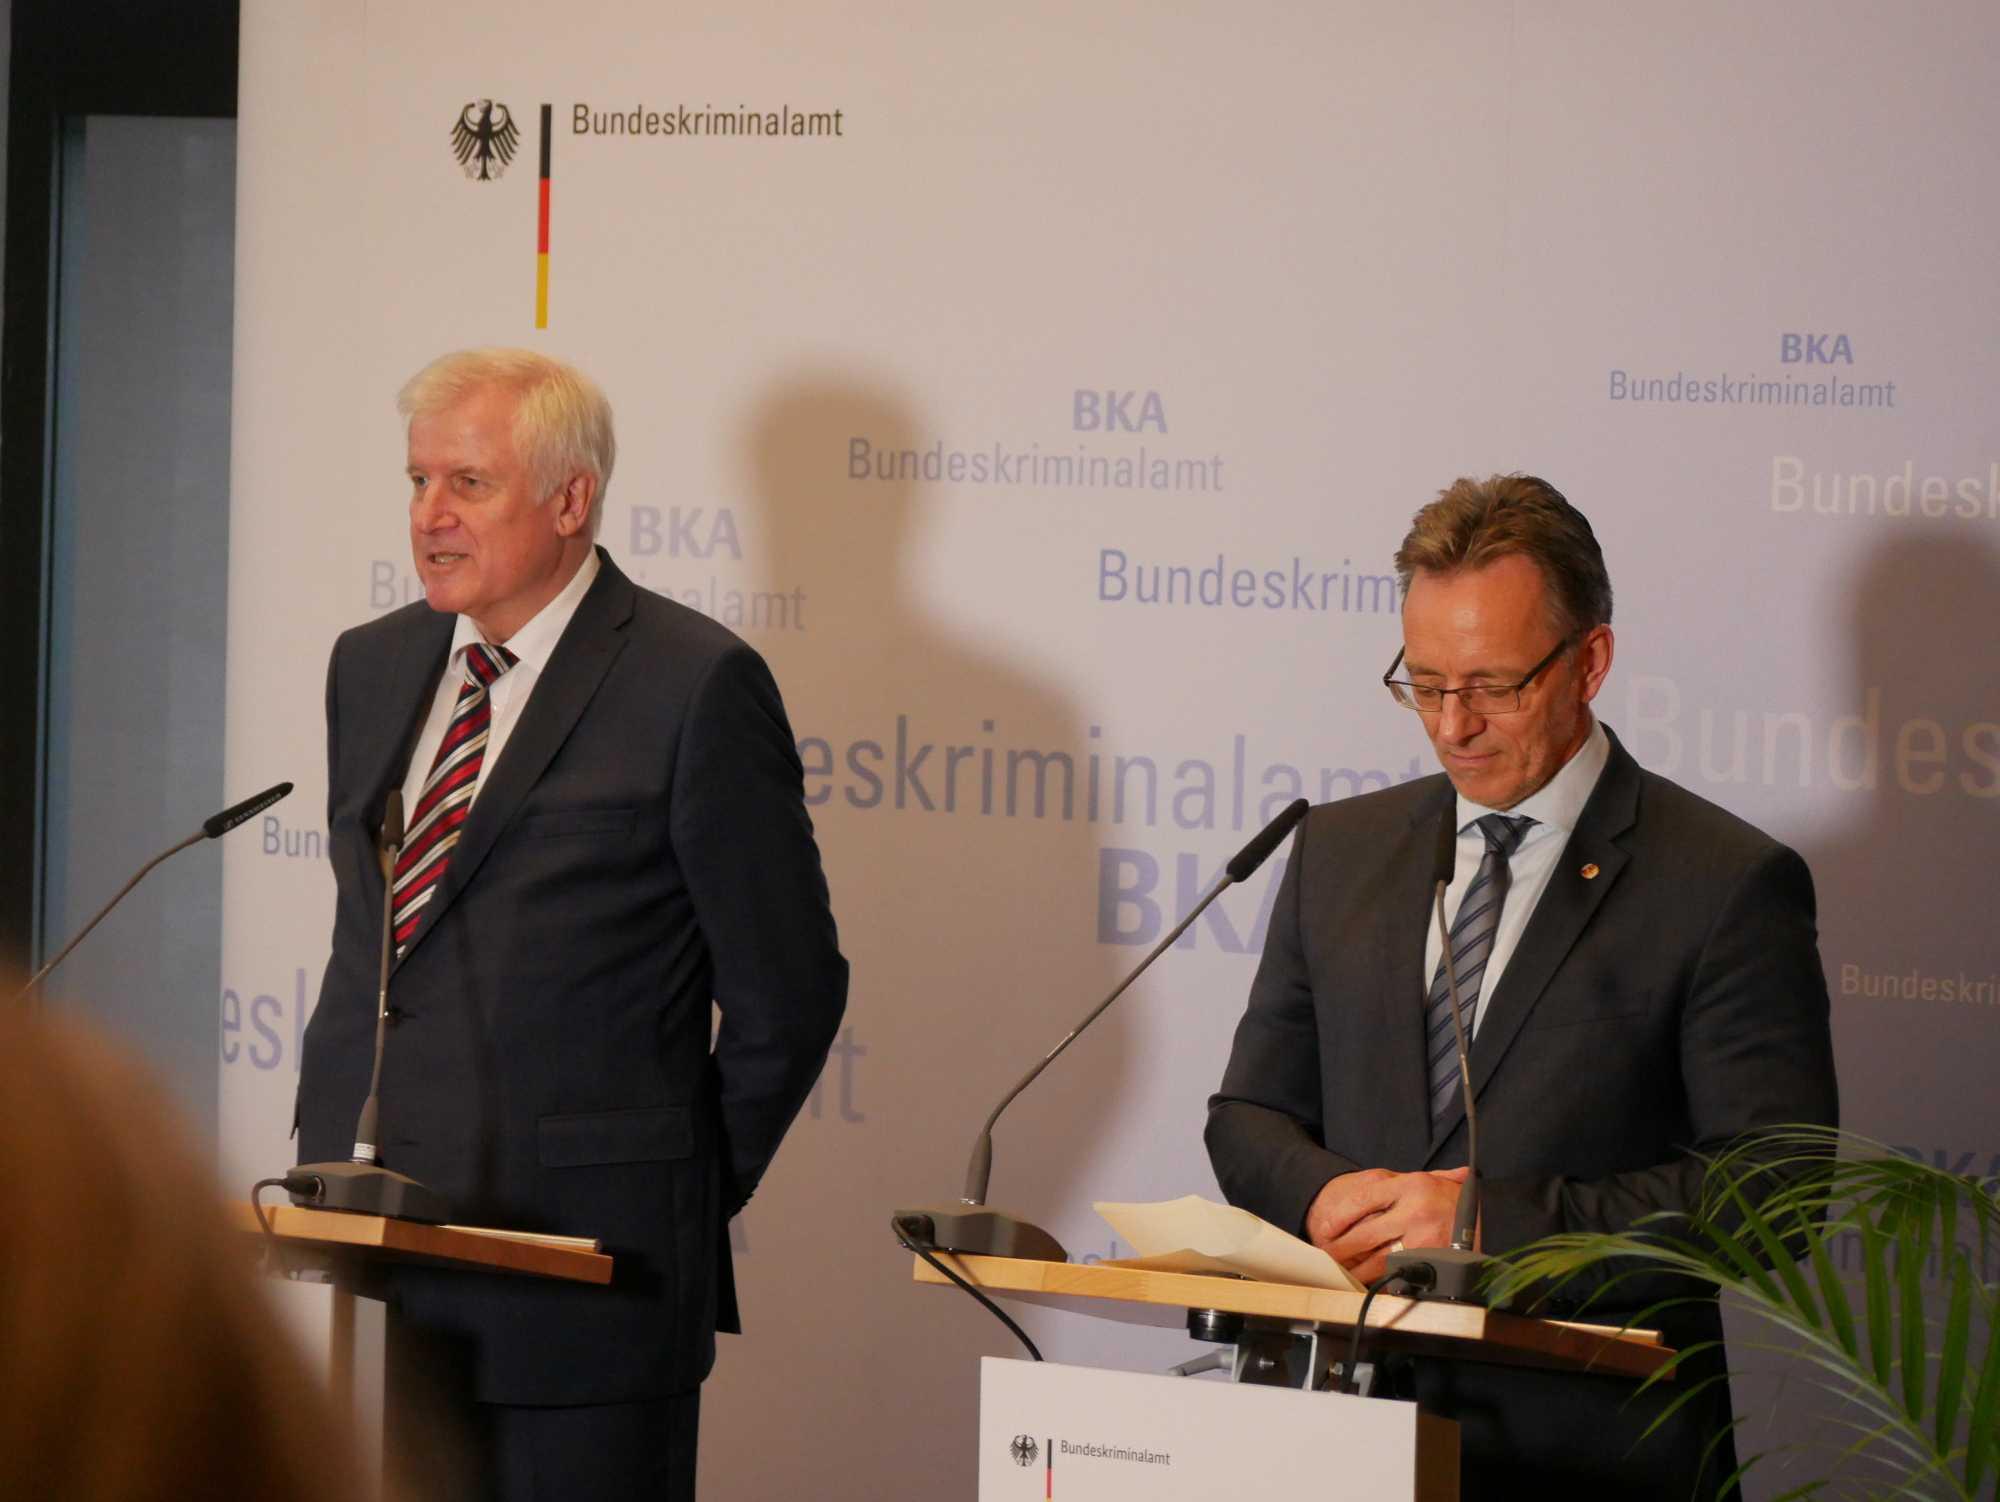 BKA-Chef fordert neue Kompetenzen und schafft Cybercrime-Abteilung